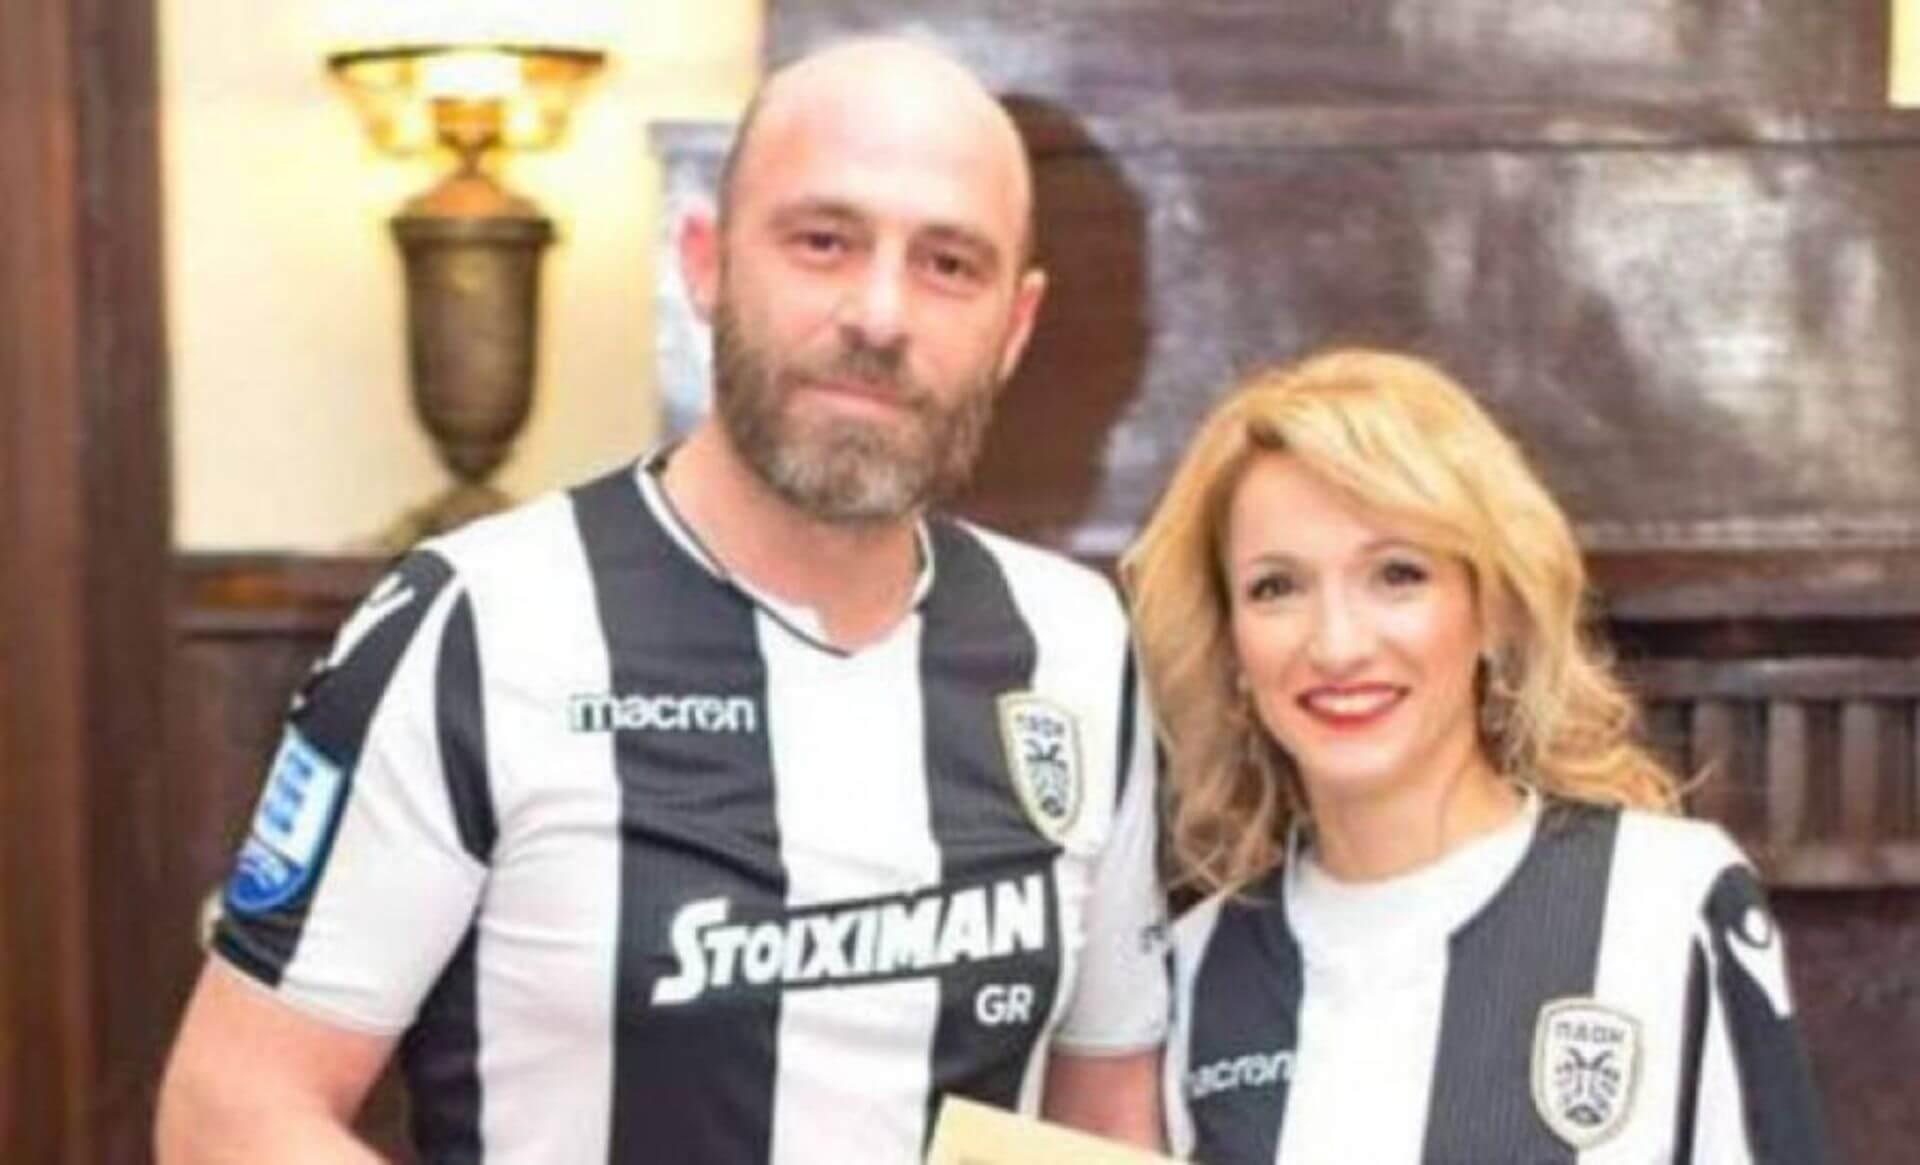 ΠΑΟΚ: Παντρεύτηκε λόγω… πρωταθλήματος! Υλοποίησε υπόσχεση 20 ετών – pic